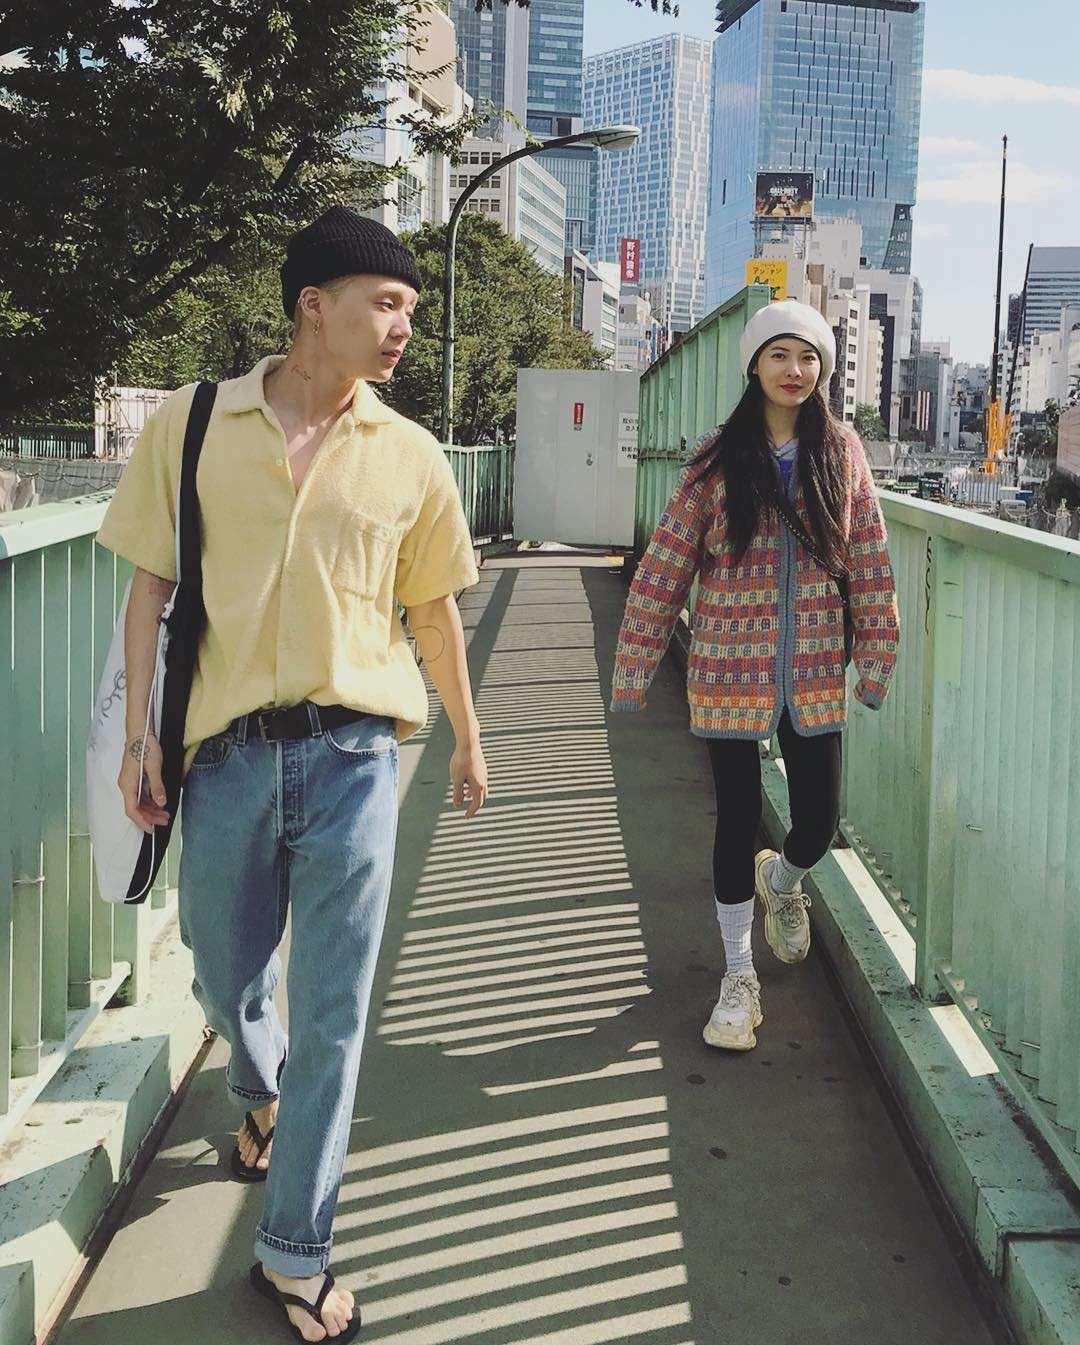 在今天(10日)稍早,泫雅突然更新自己的IG,除了自己的照片之外,也上傳了與男友E'dawn的合照高調放閃,而兩人目前正在日本旅遊